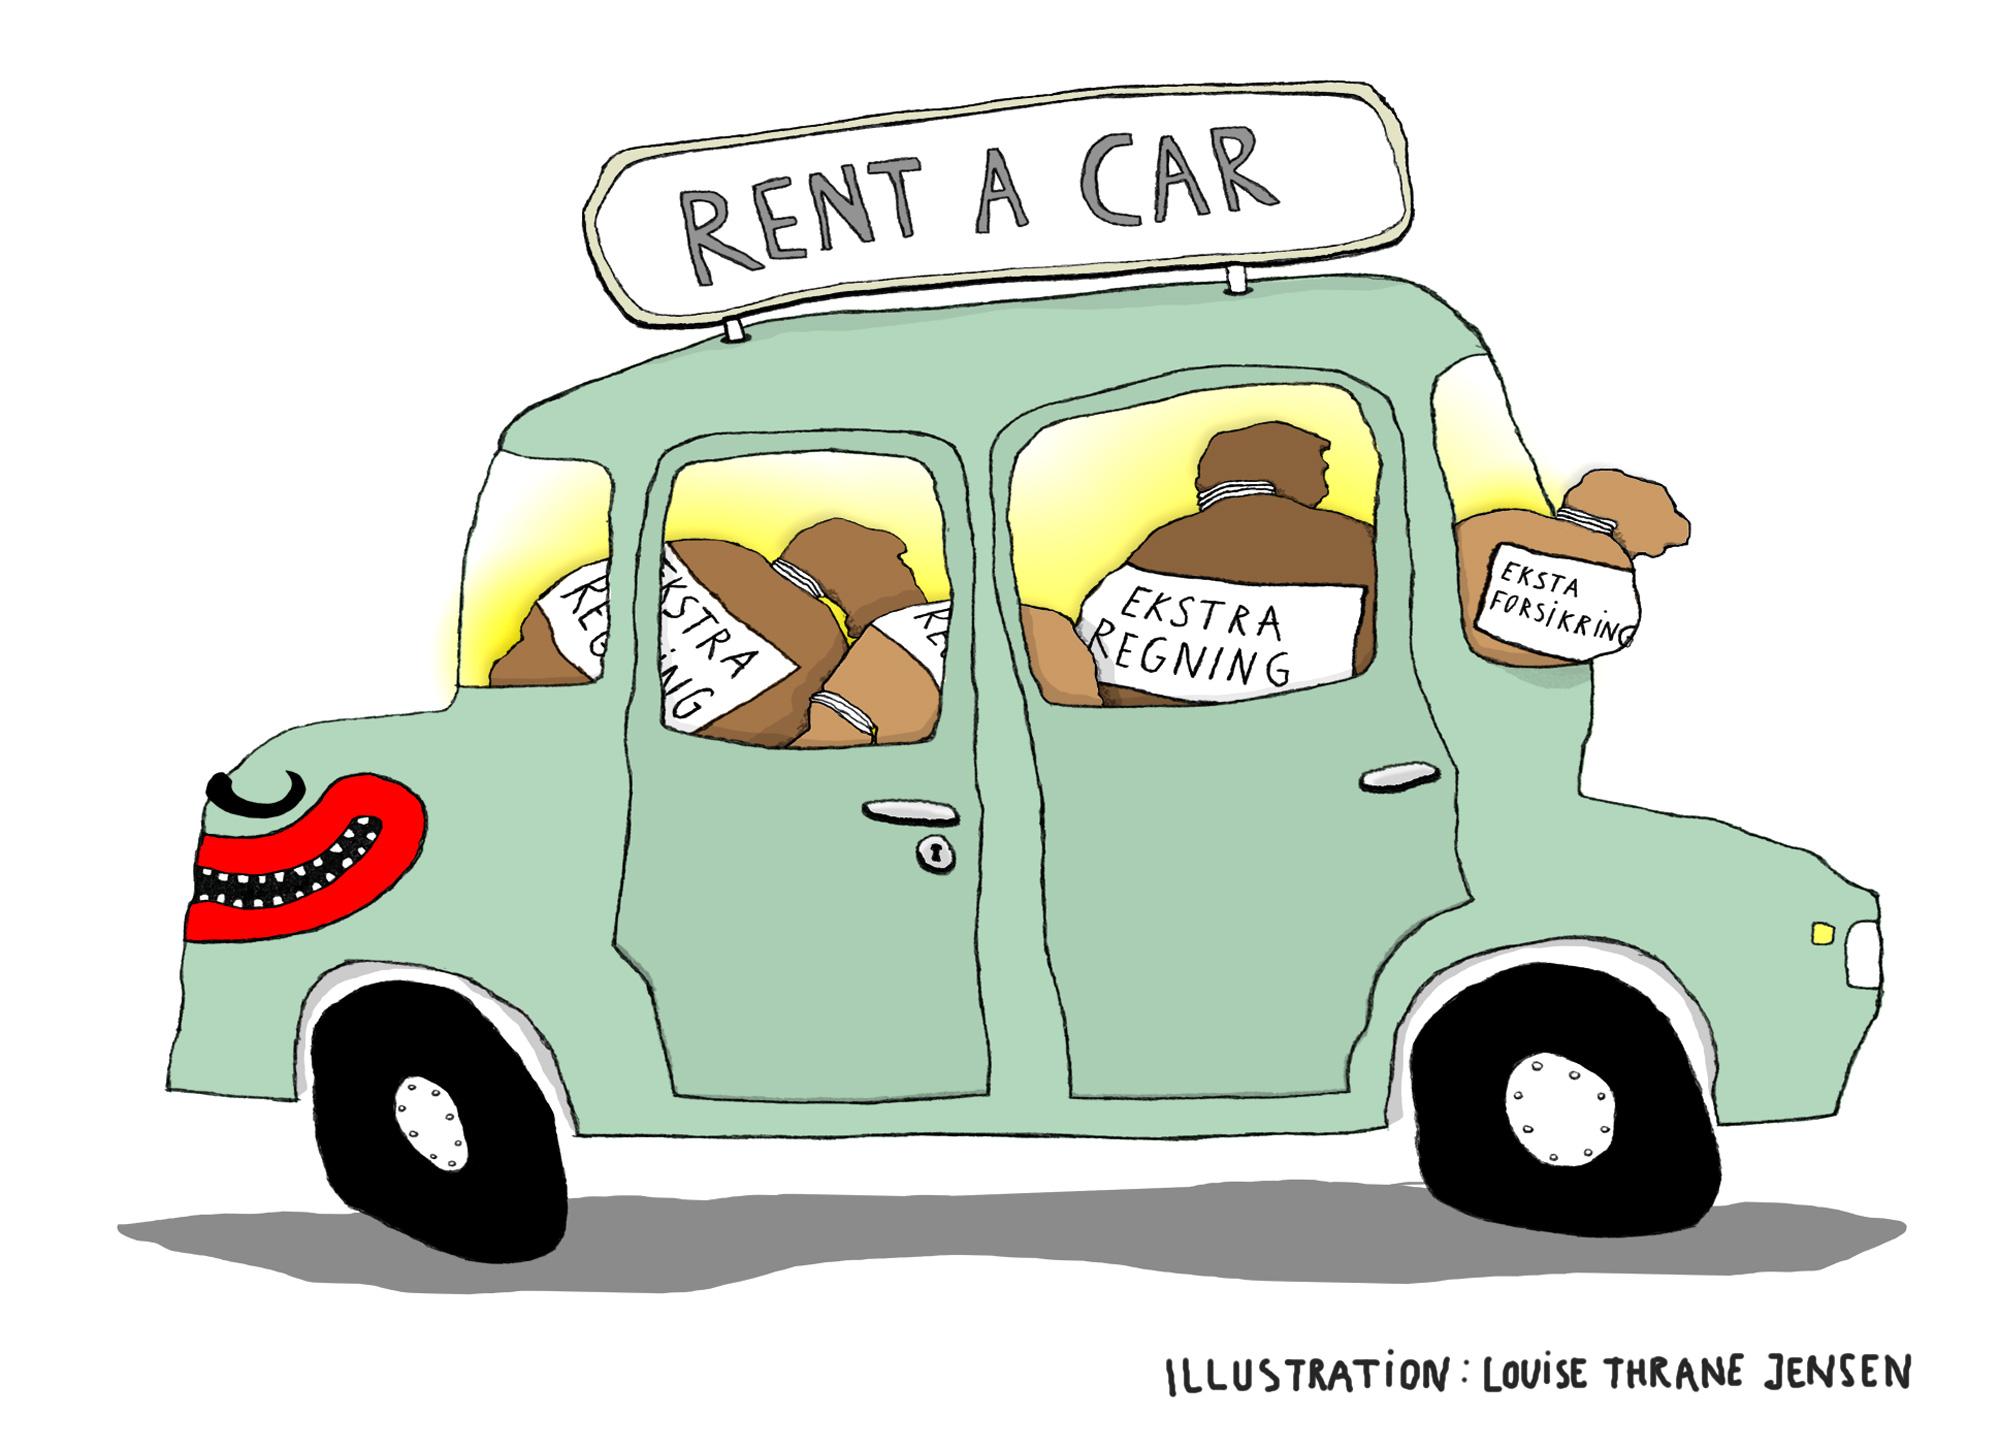 """Der er grund til at passe godt på ved biludlejning, navnlig når der lejes fra """"ukendte"""" biludlejningsselskaber. Illustration via Forbrug.dk: Louise Thrane Jensen"""